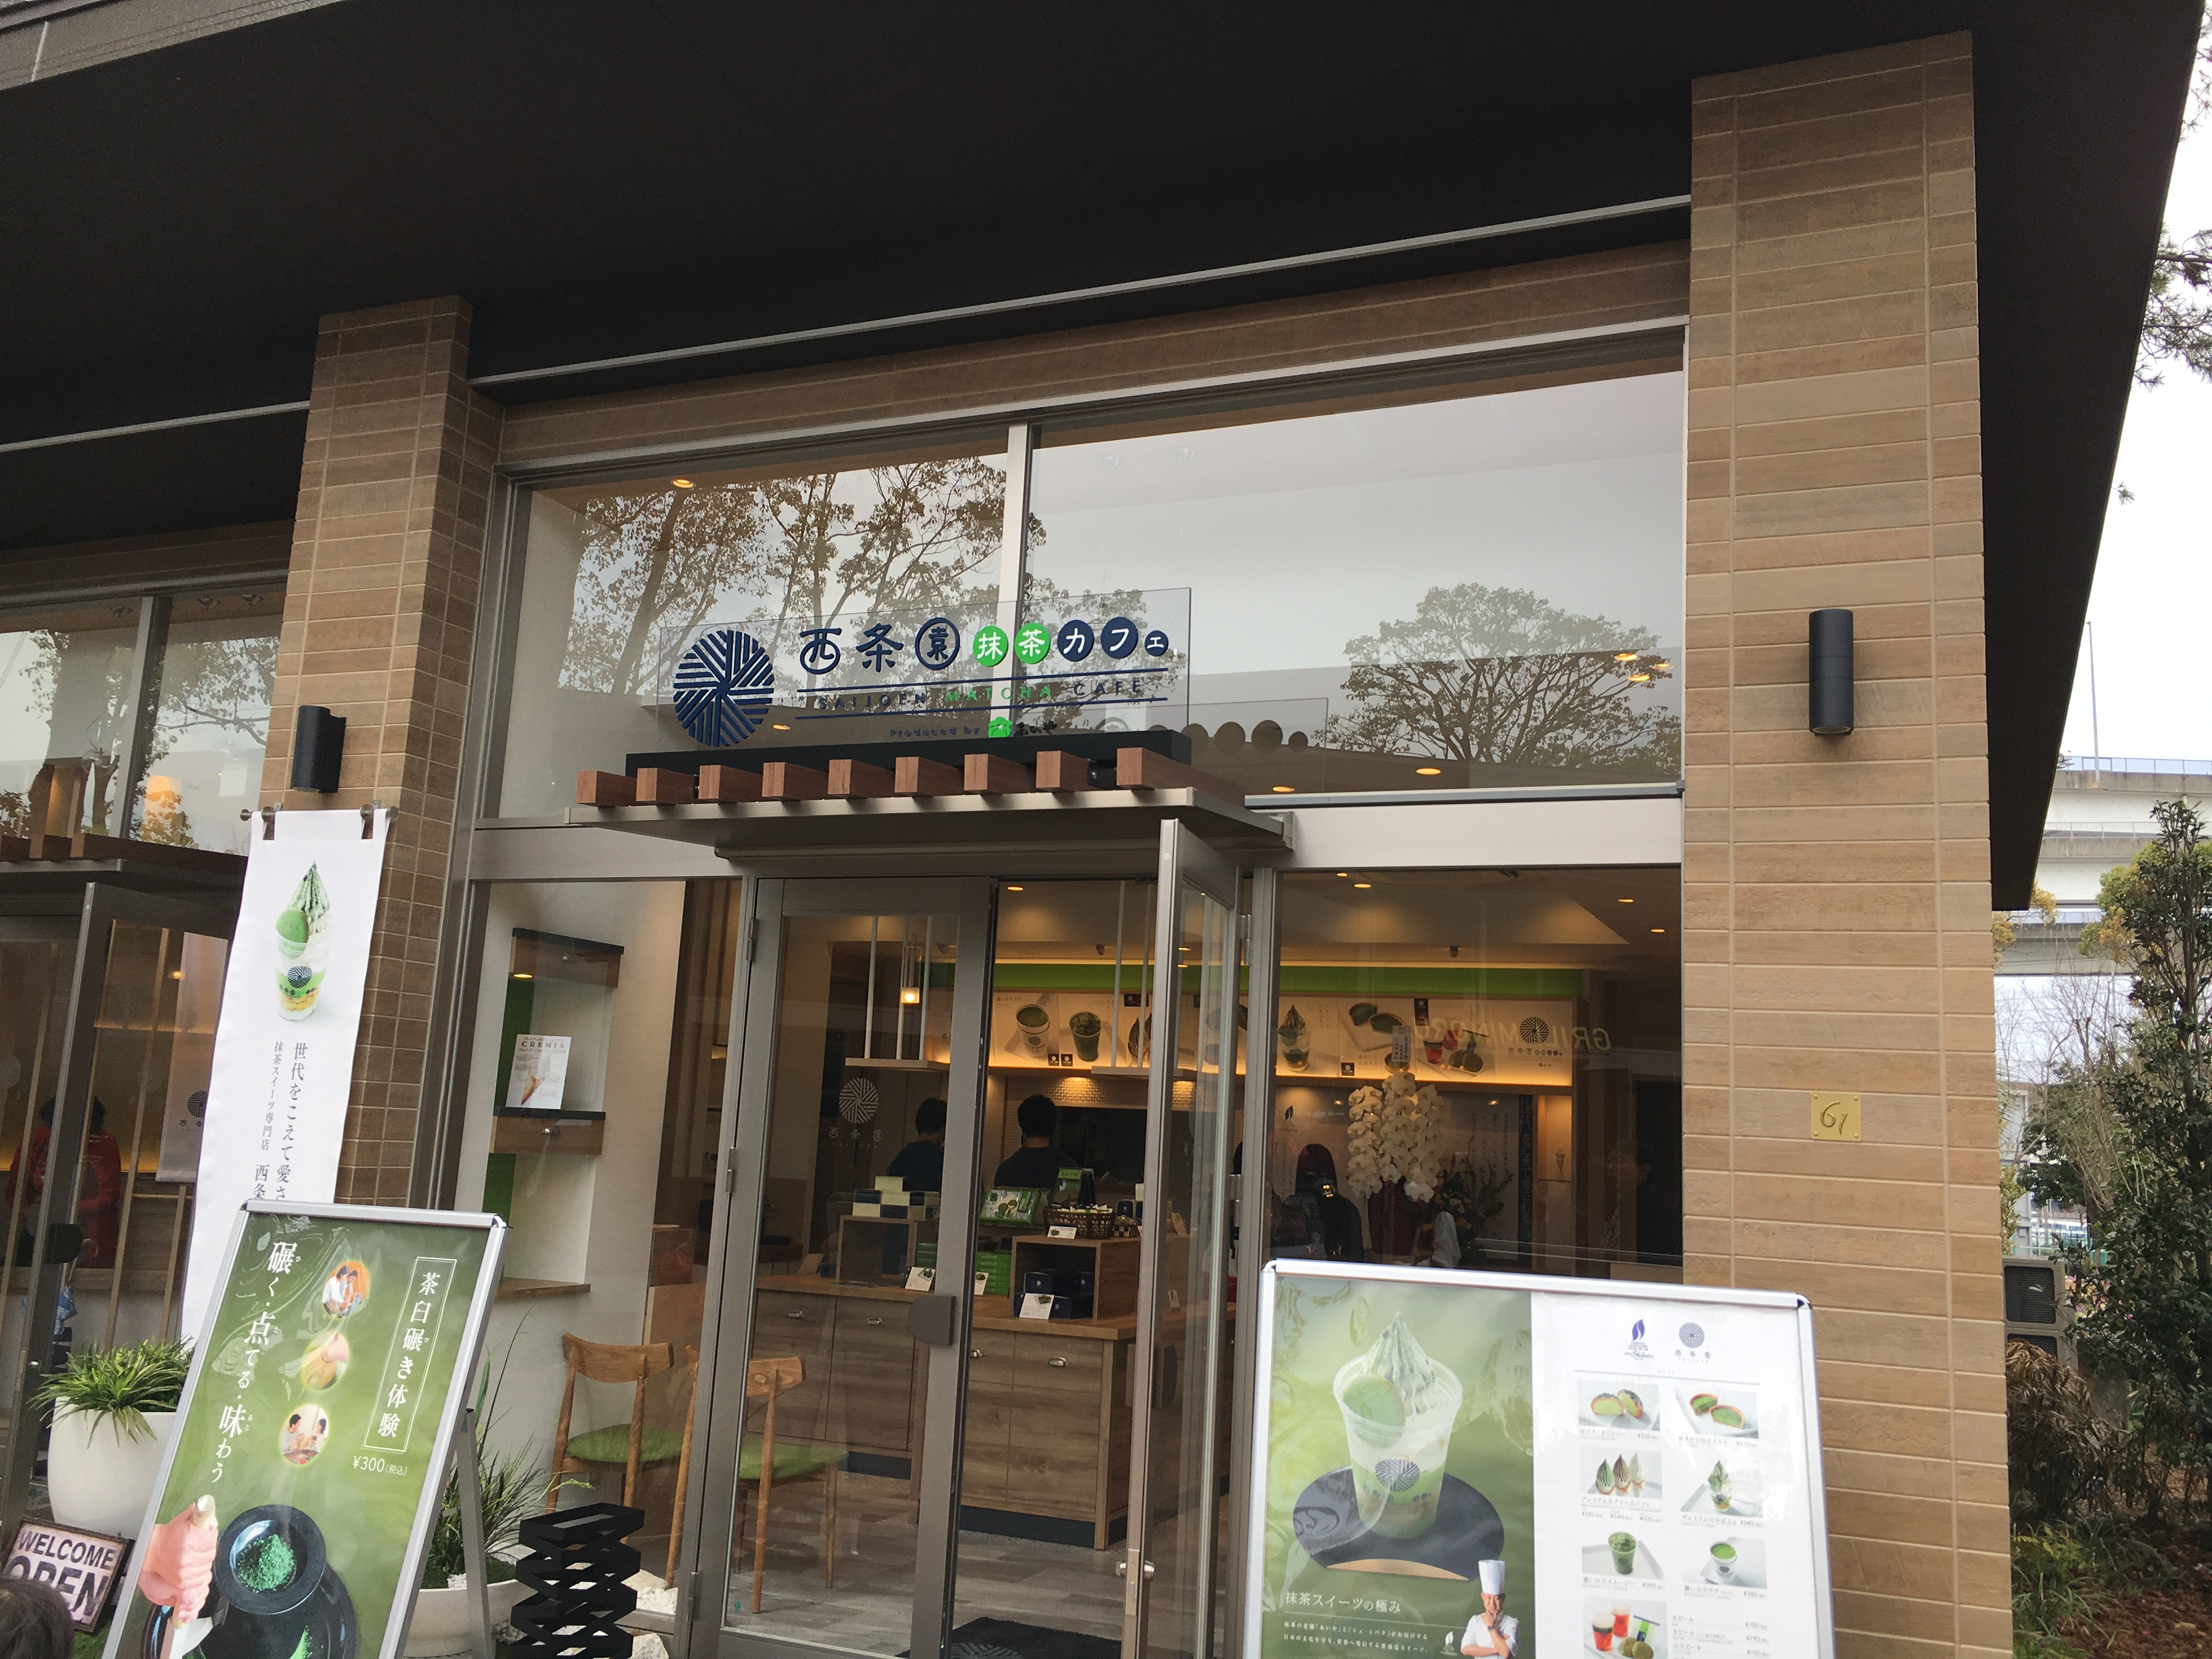 名古屋市で茶臼碾き(ひき)、抹茶を点てる体験ができるのはココ!【西条園抹茶カフェ】 in  メイカーズピア